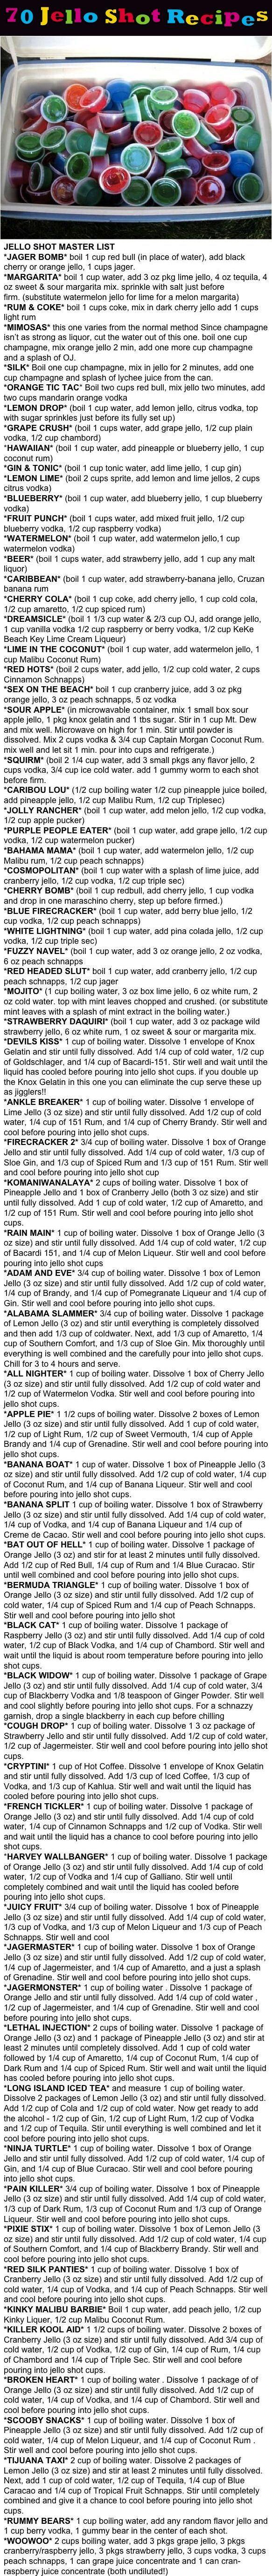 70 Jello Shot Recipes